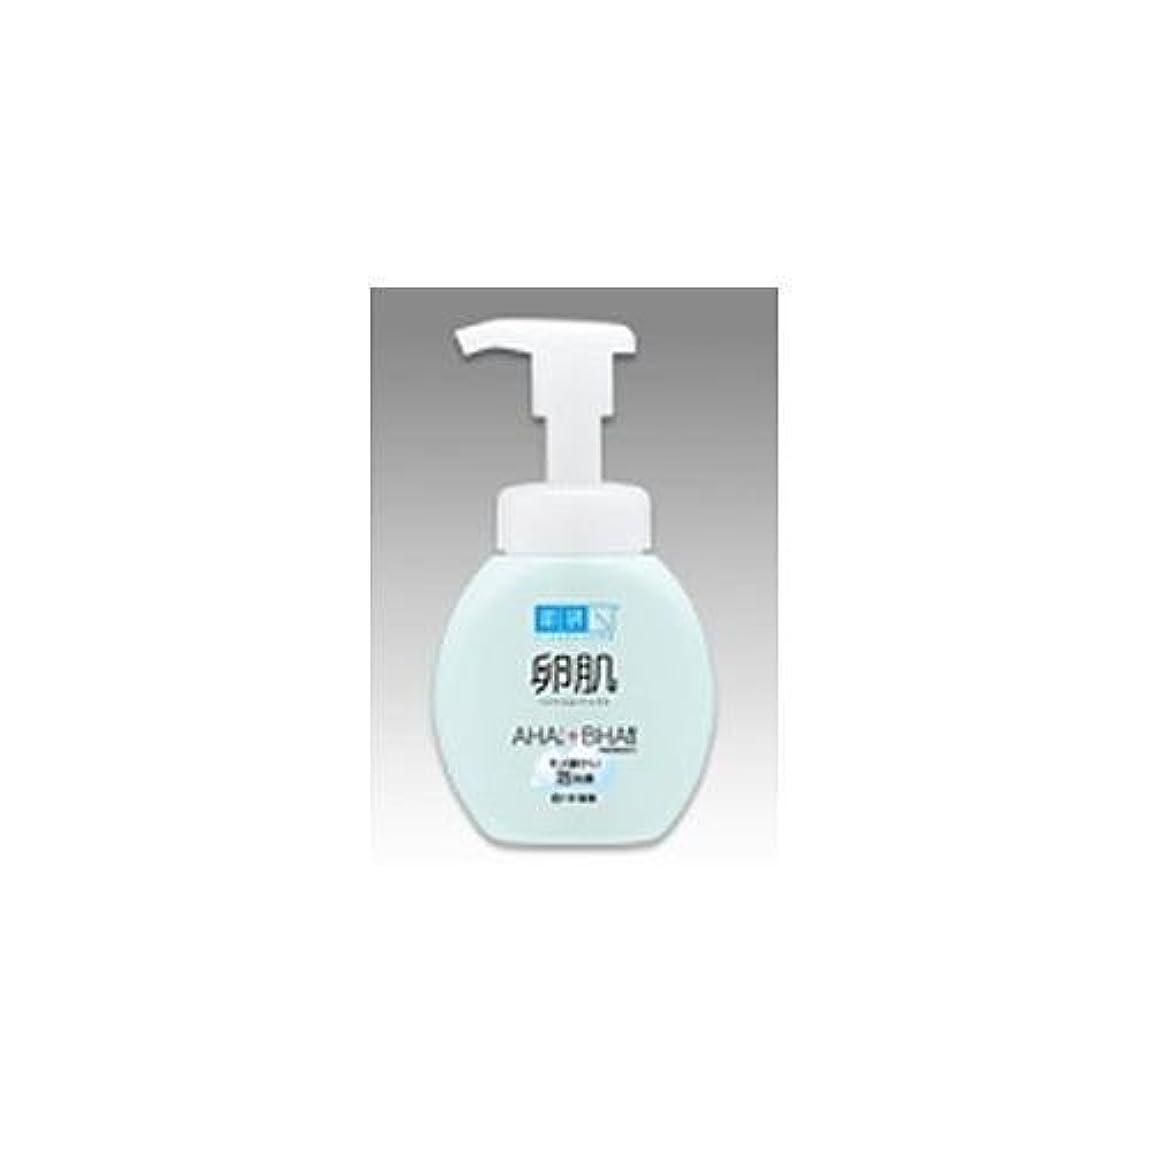 一般化するちなみにビジュアル牛乳石鹸共進社 カウブランド 無添加うるおい洗顔 110g